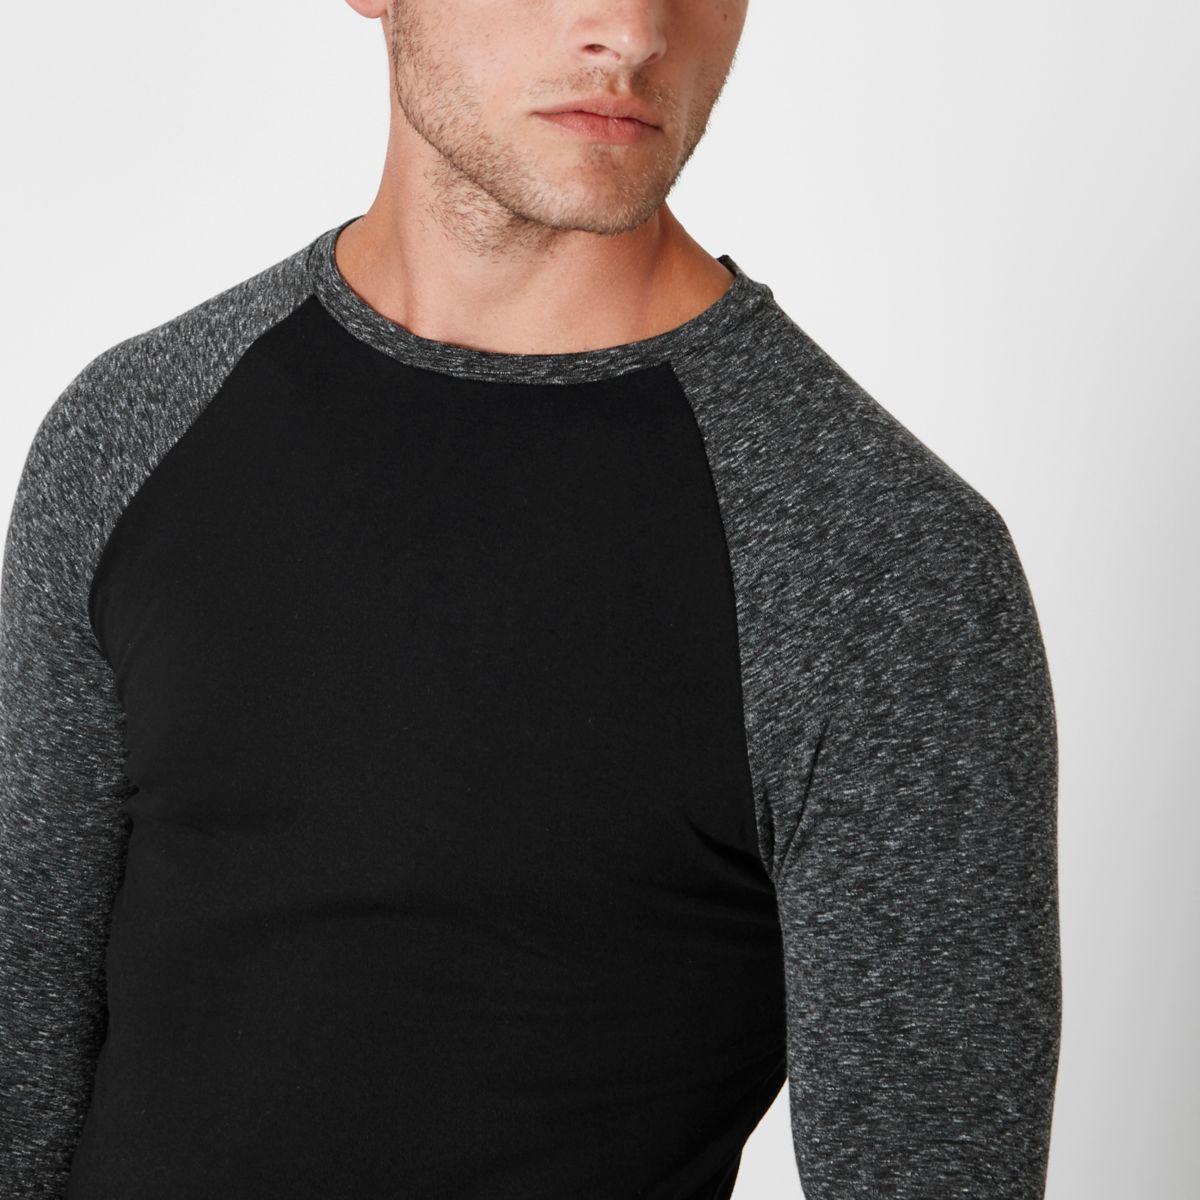 T-shirt ajusté noir à manches longues raglan